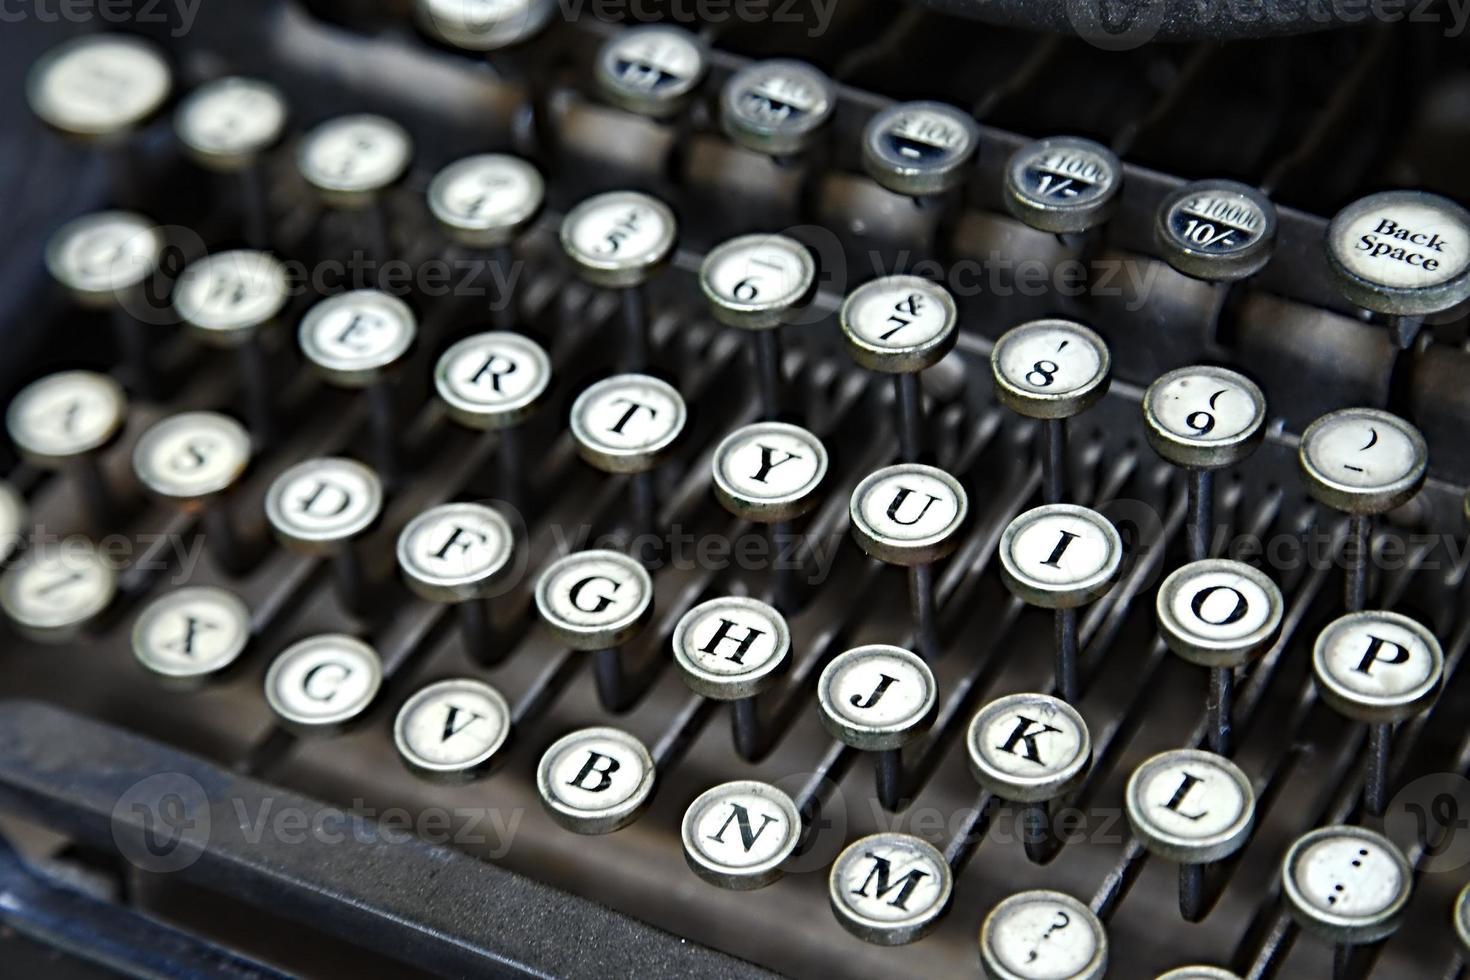 schrijfmachine foto